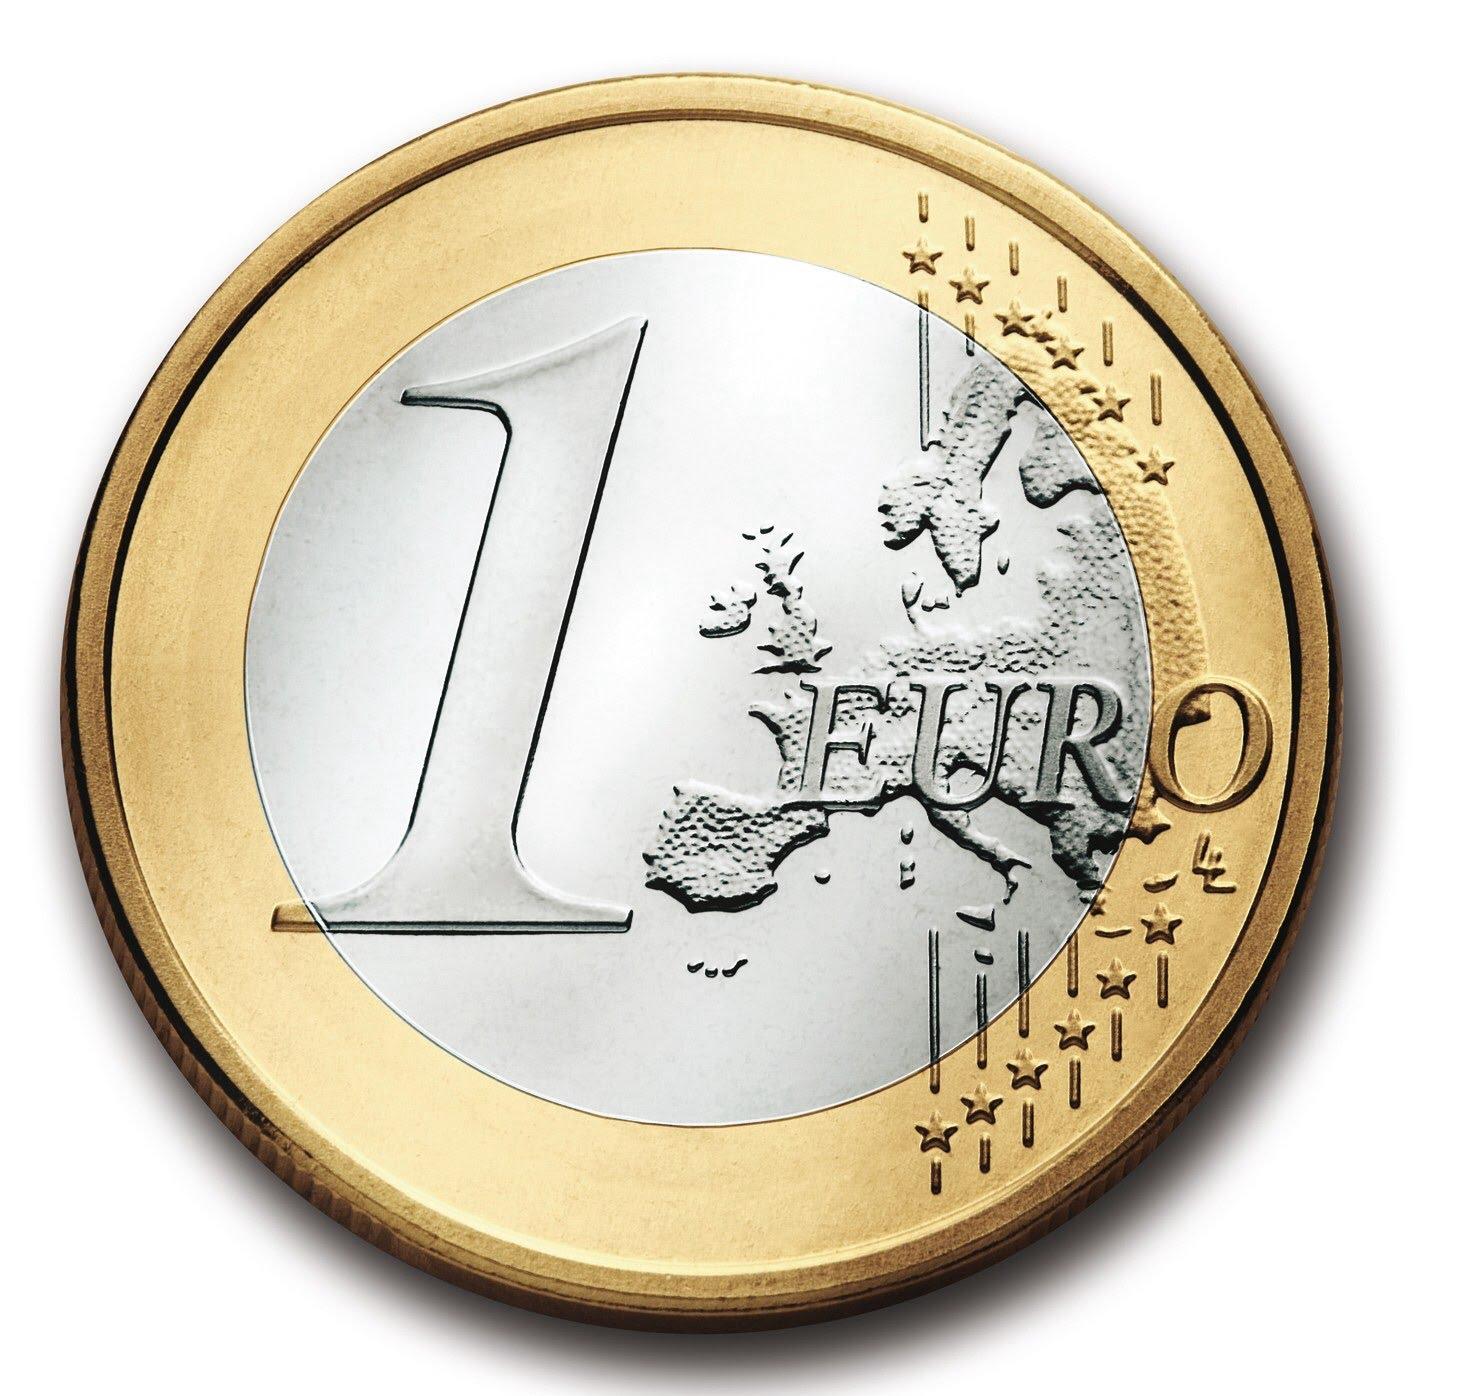 Permis 1 euro par jour les nouvelles r gles pour for Sitzkissen gunstig 1 euro